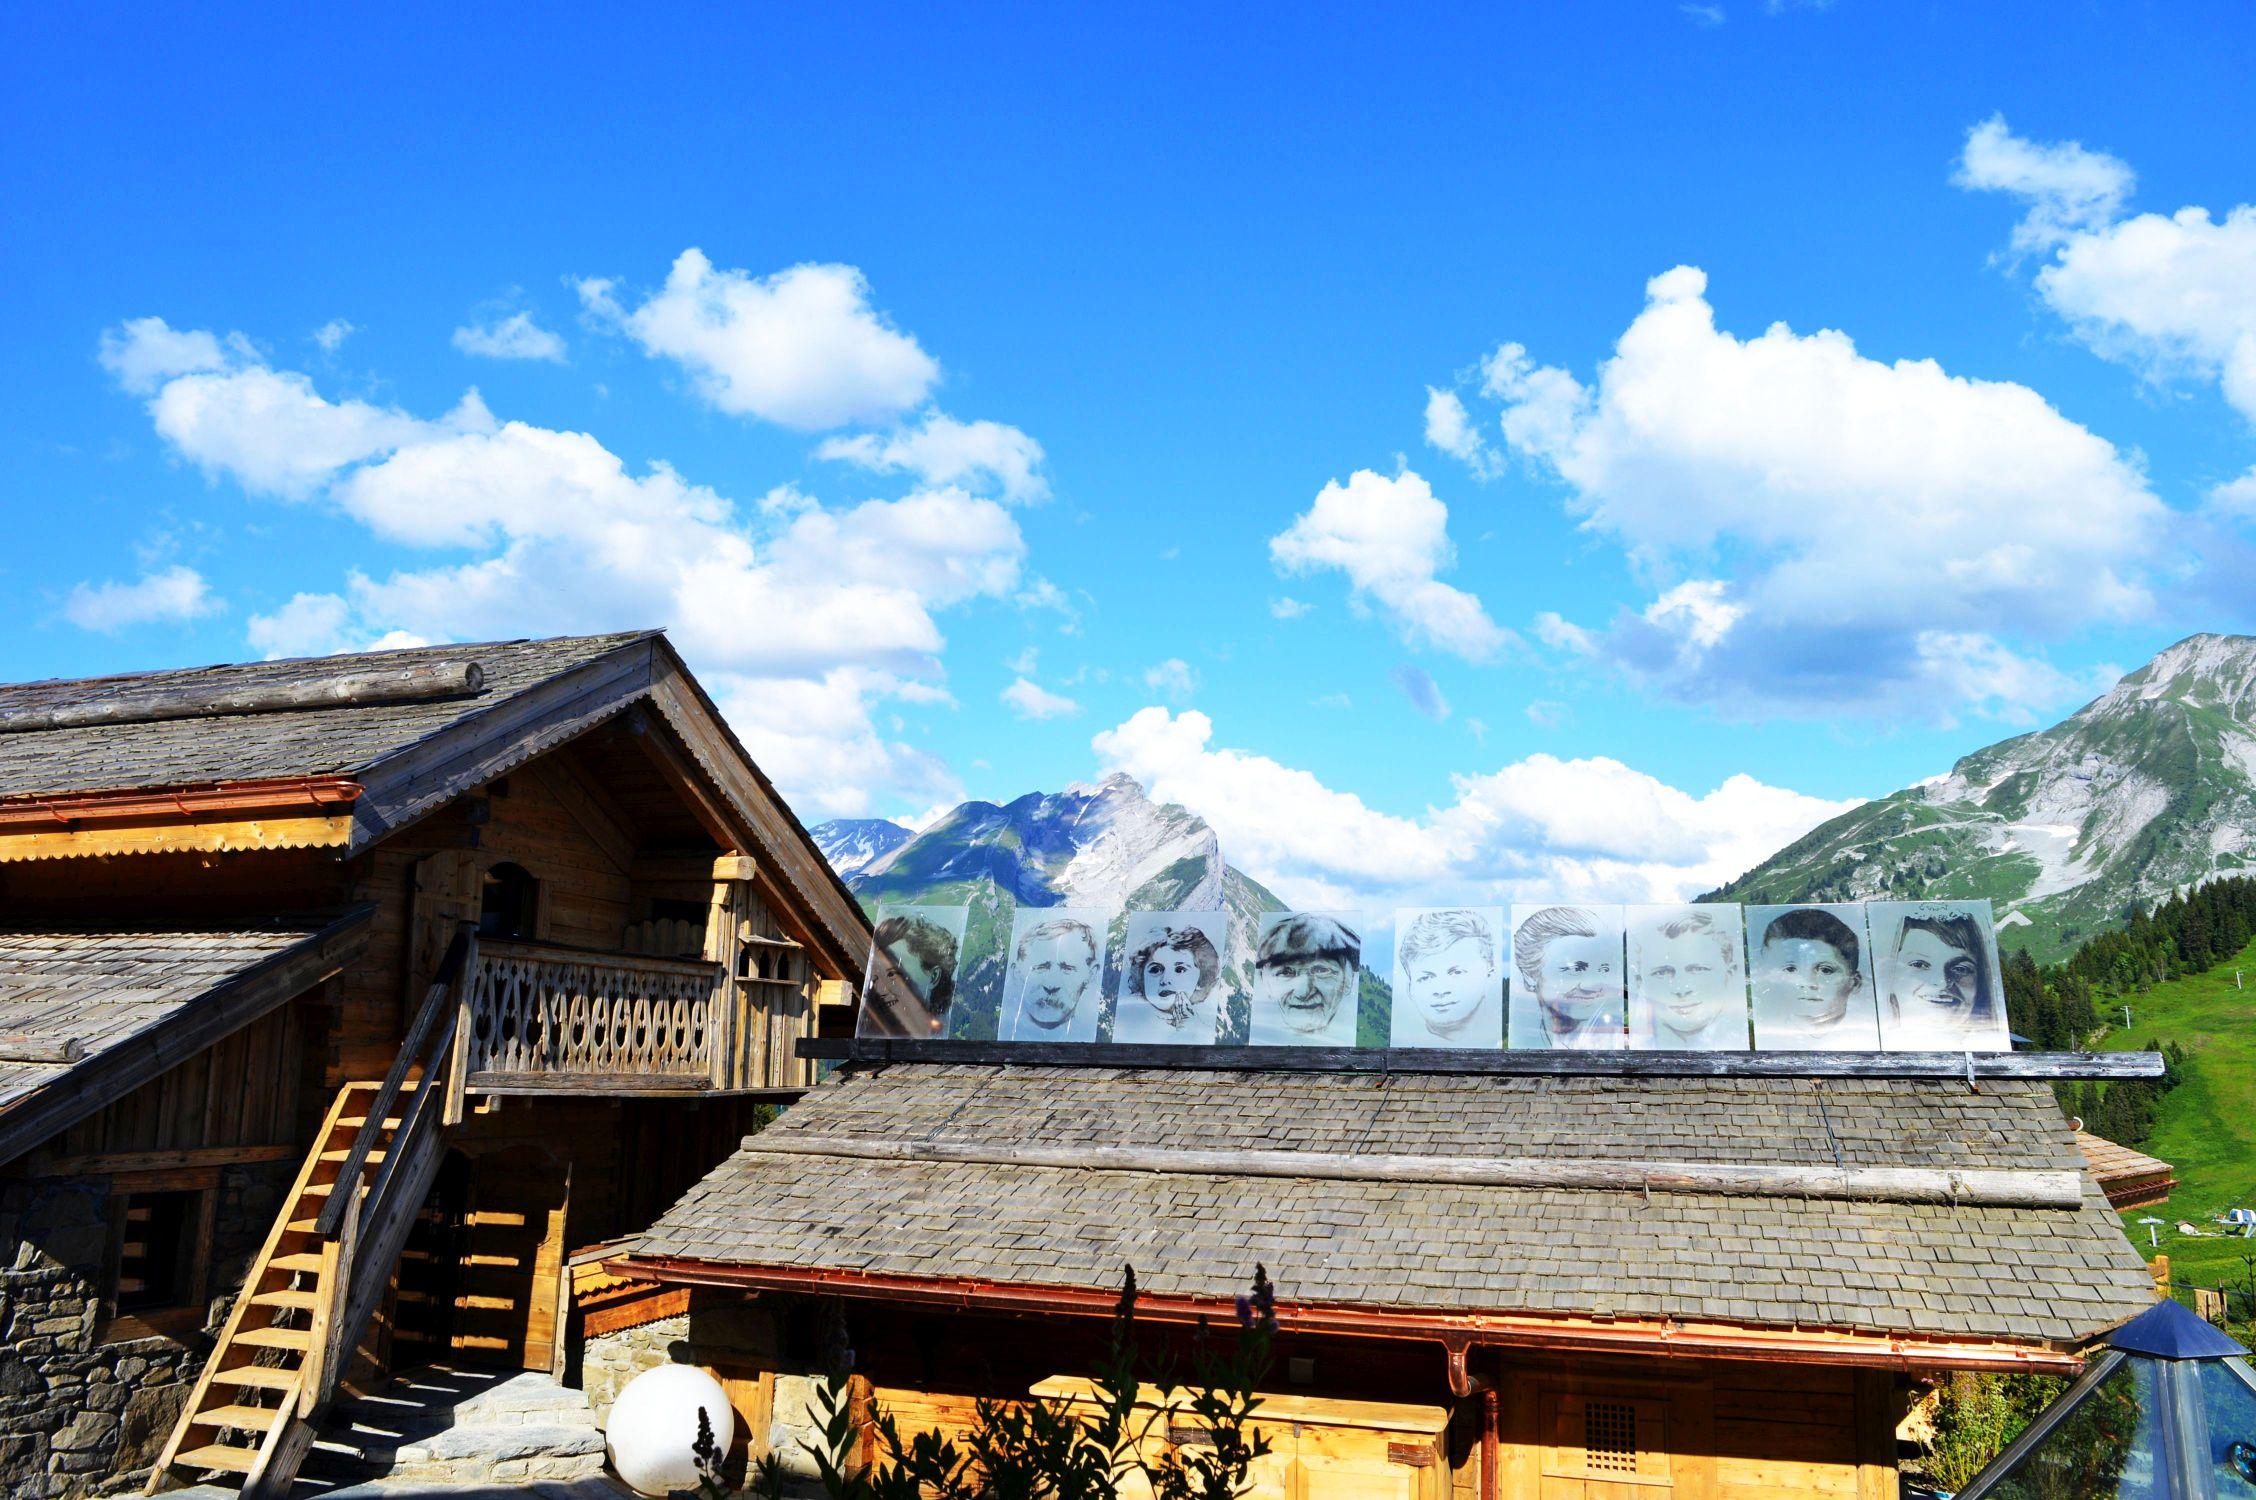 Sarbatoarea-Gustului-Gusturi-si-Destinatii-Franta-Savoie-Manigou-Marc-Veyrat-03